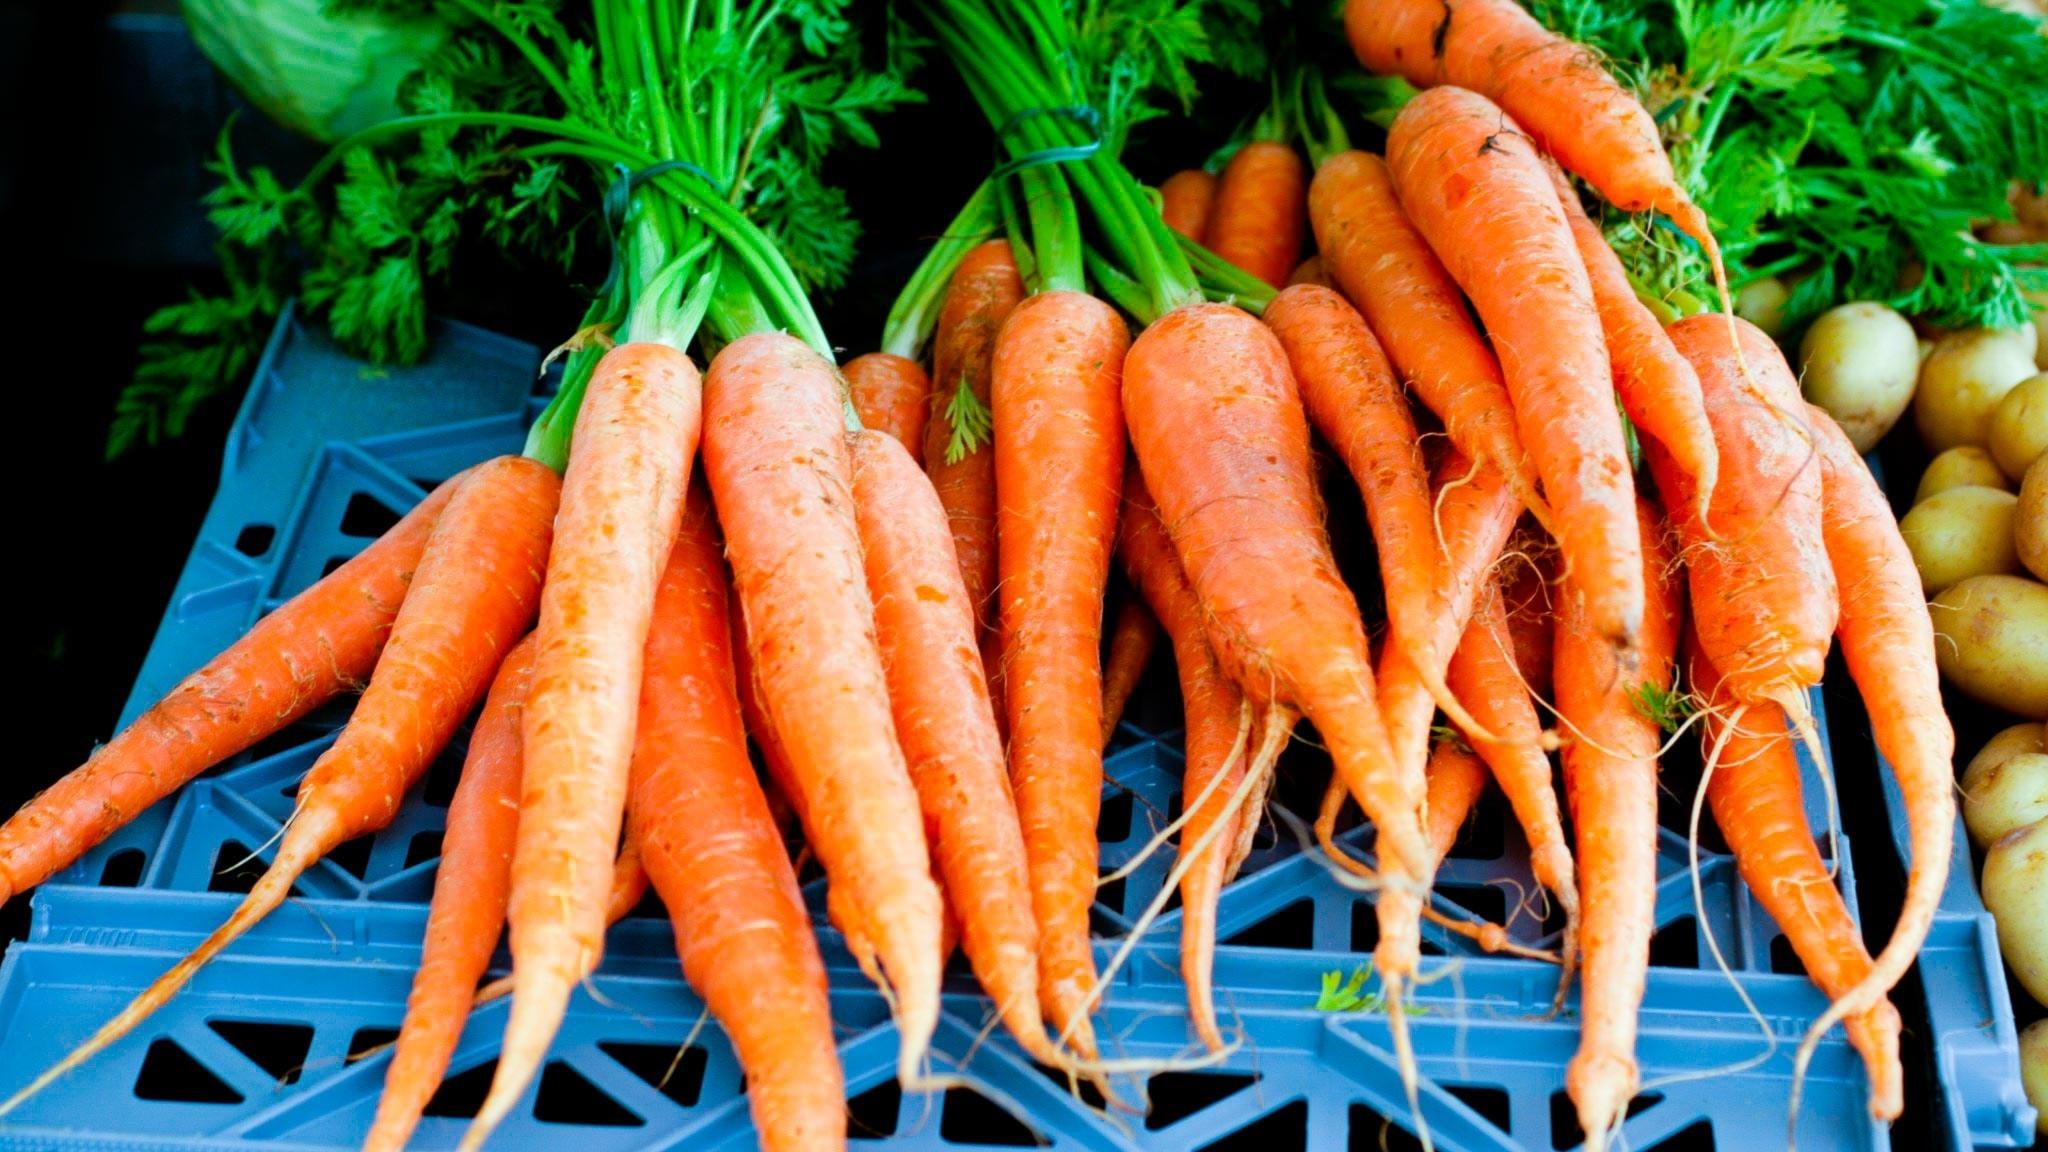 Kan Sverige bli självförsörjande på mat igen?